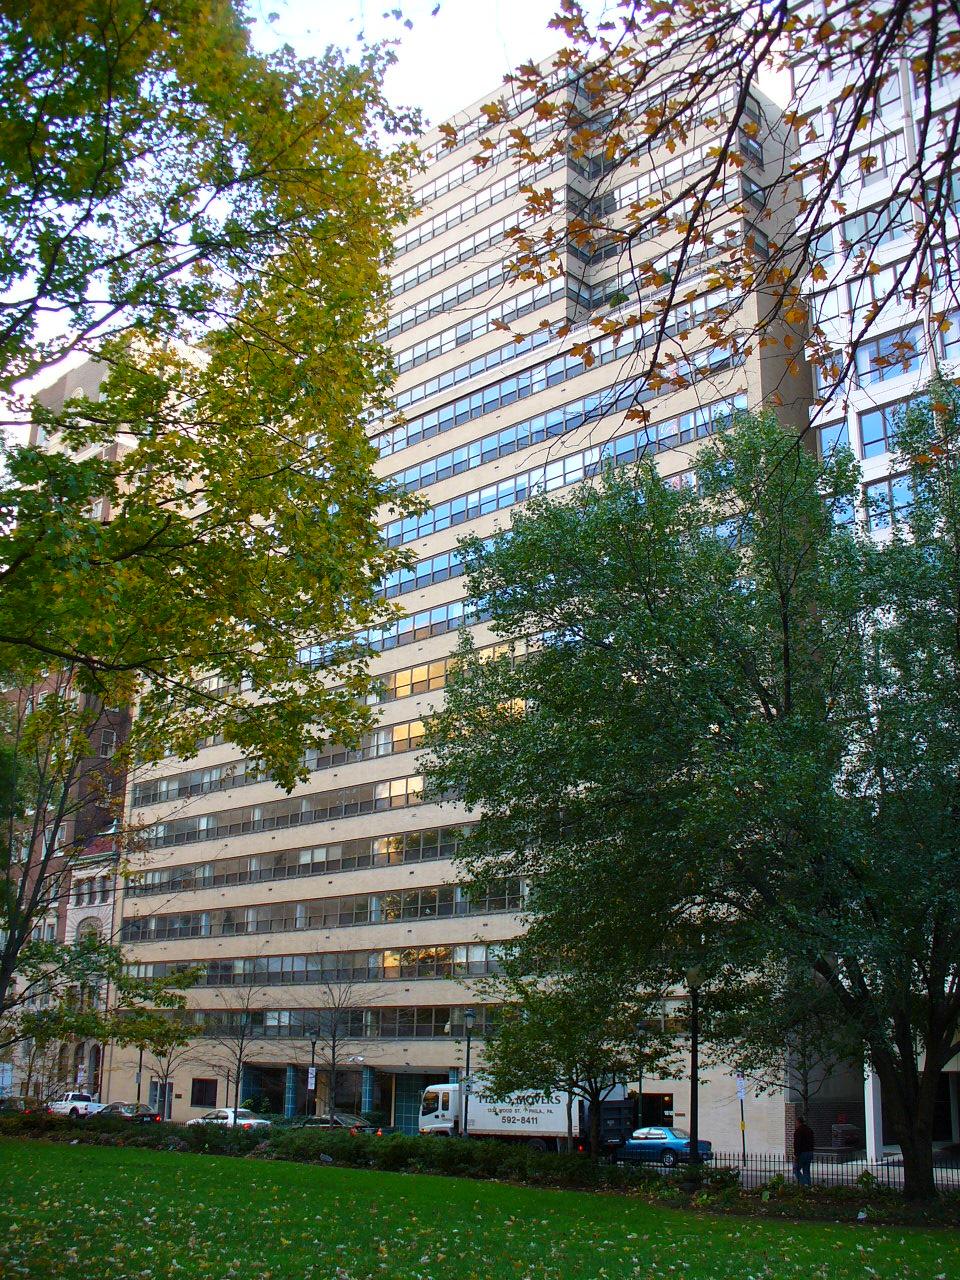 Exterior of luxury high-rise condos in Philadelphia